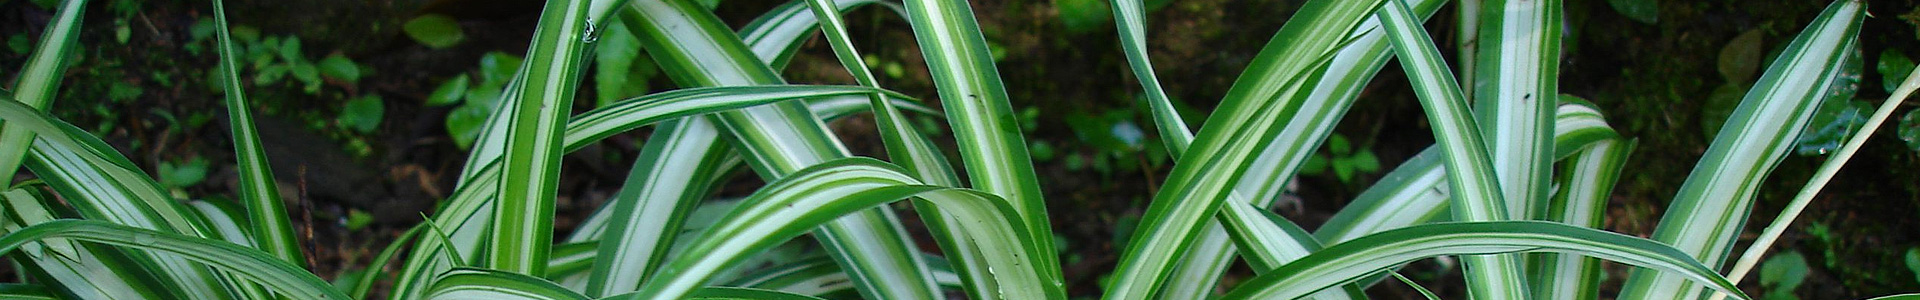 Naturliga luftrenare: Grön luft